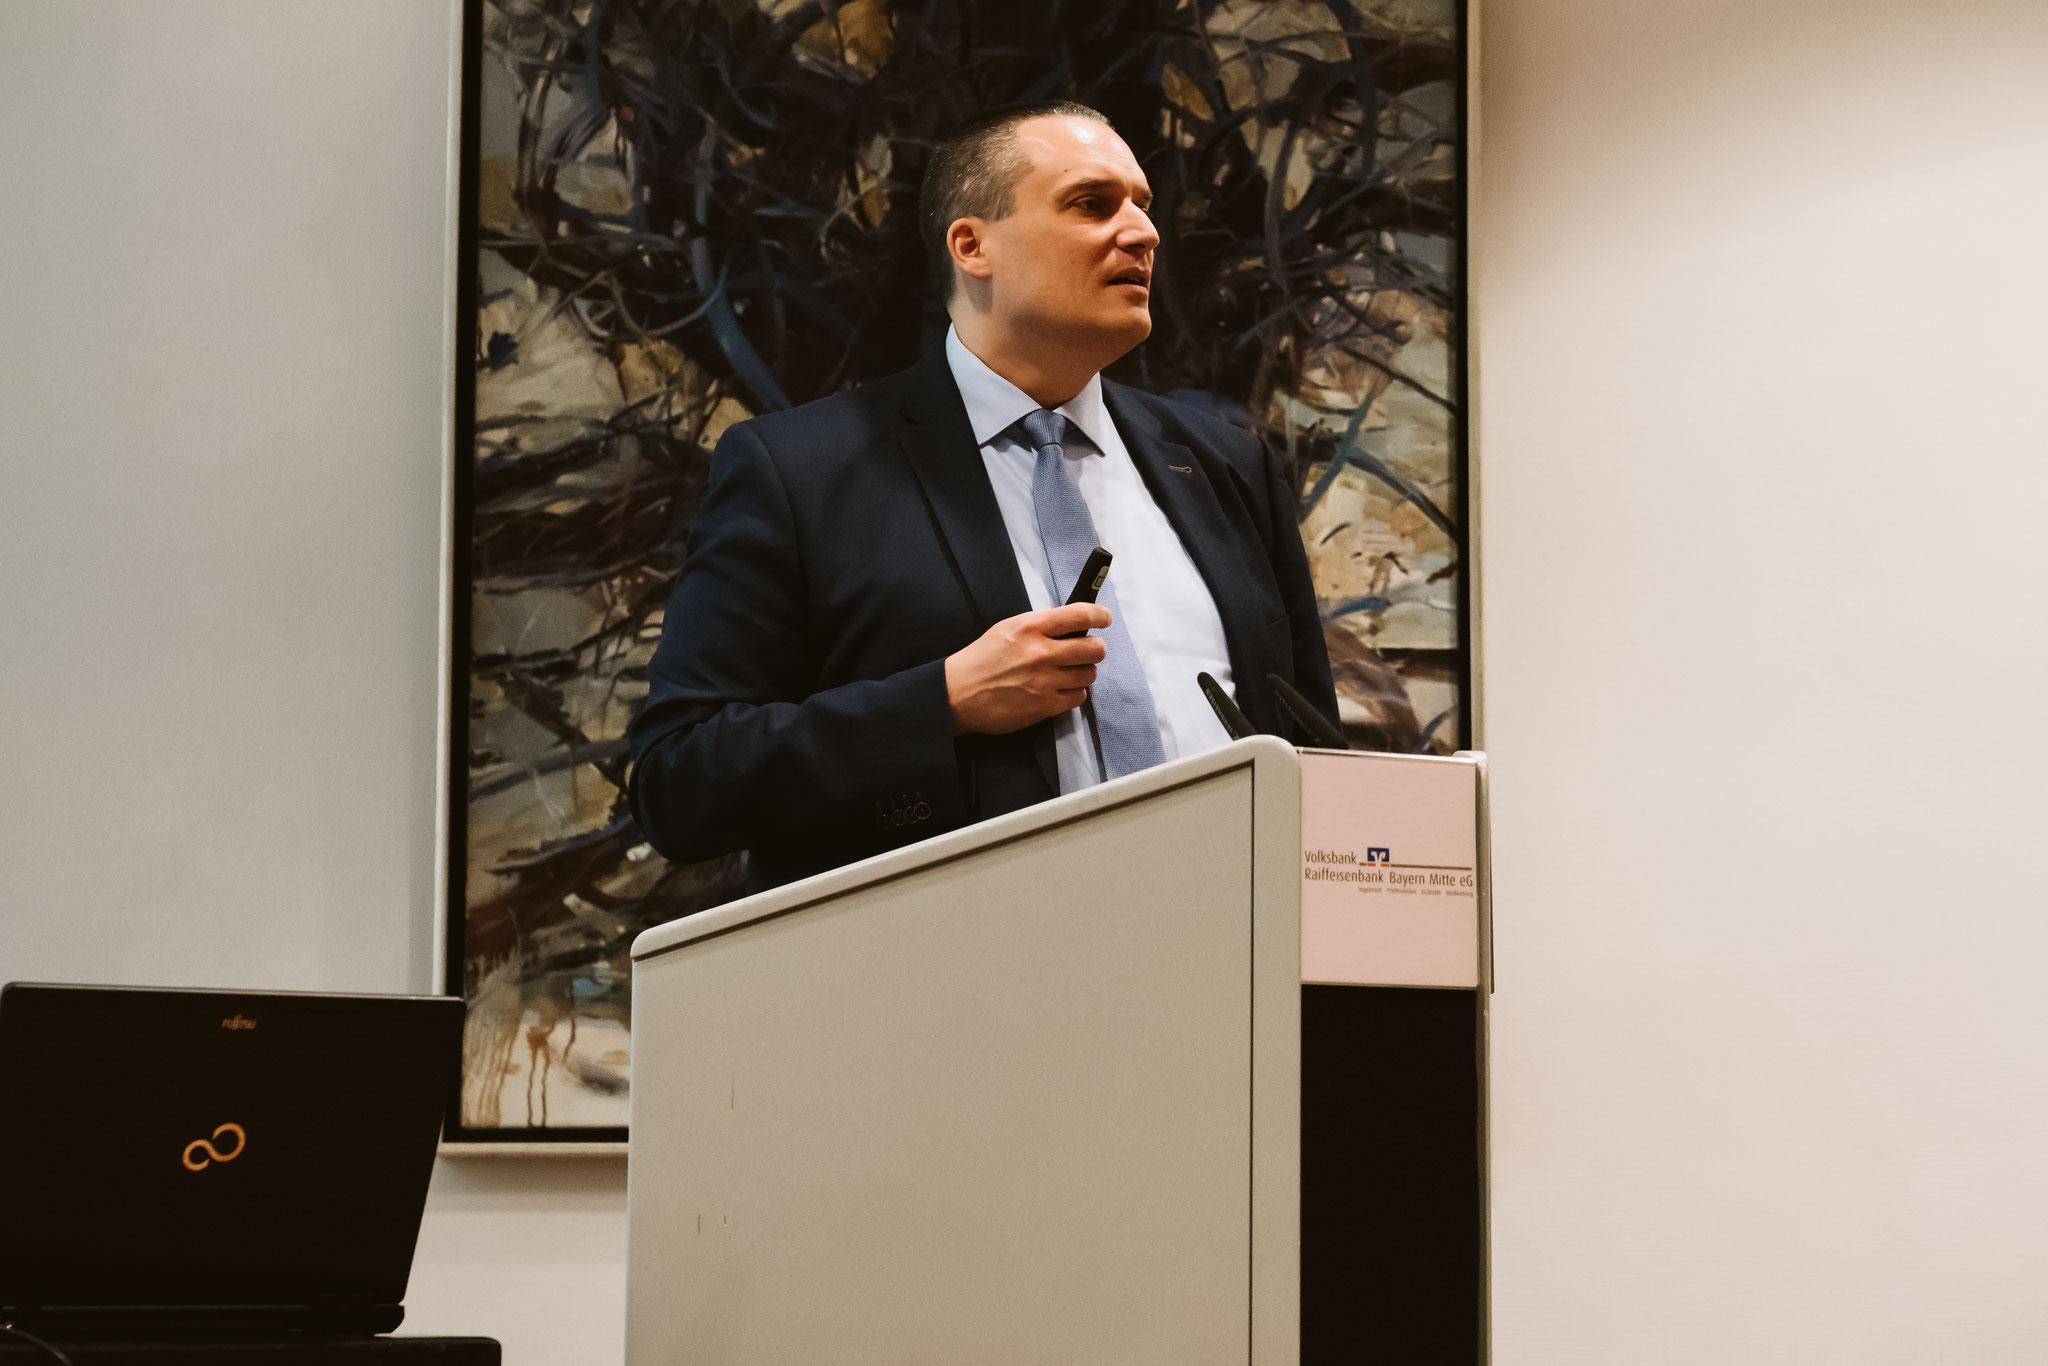 Christian Volkmer gibt einen veranschaulichen Einblick in das neue Gesetz und erklärt mögliche Auswirkungen für den Mittelstand